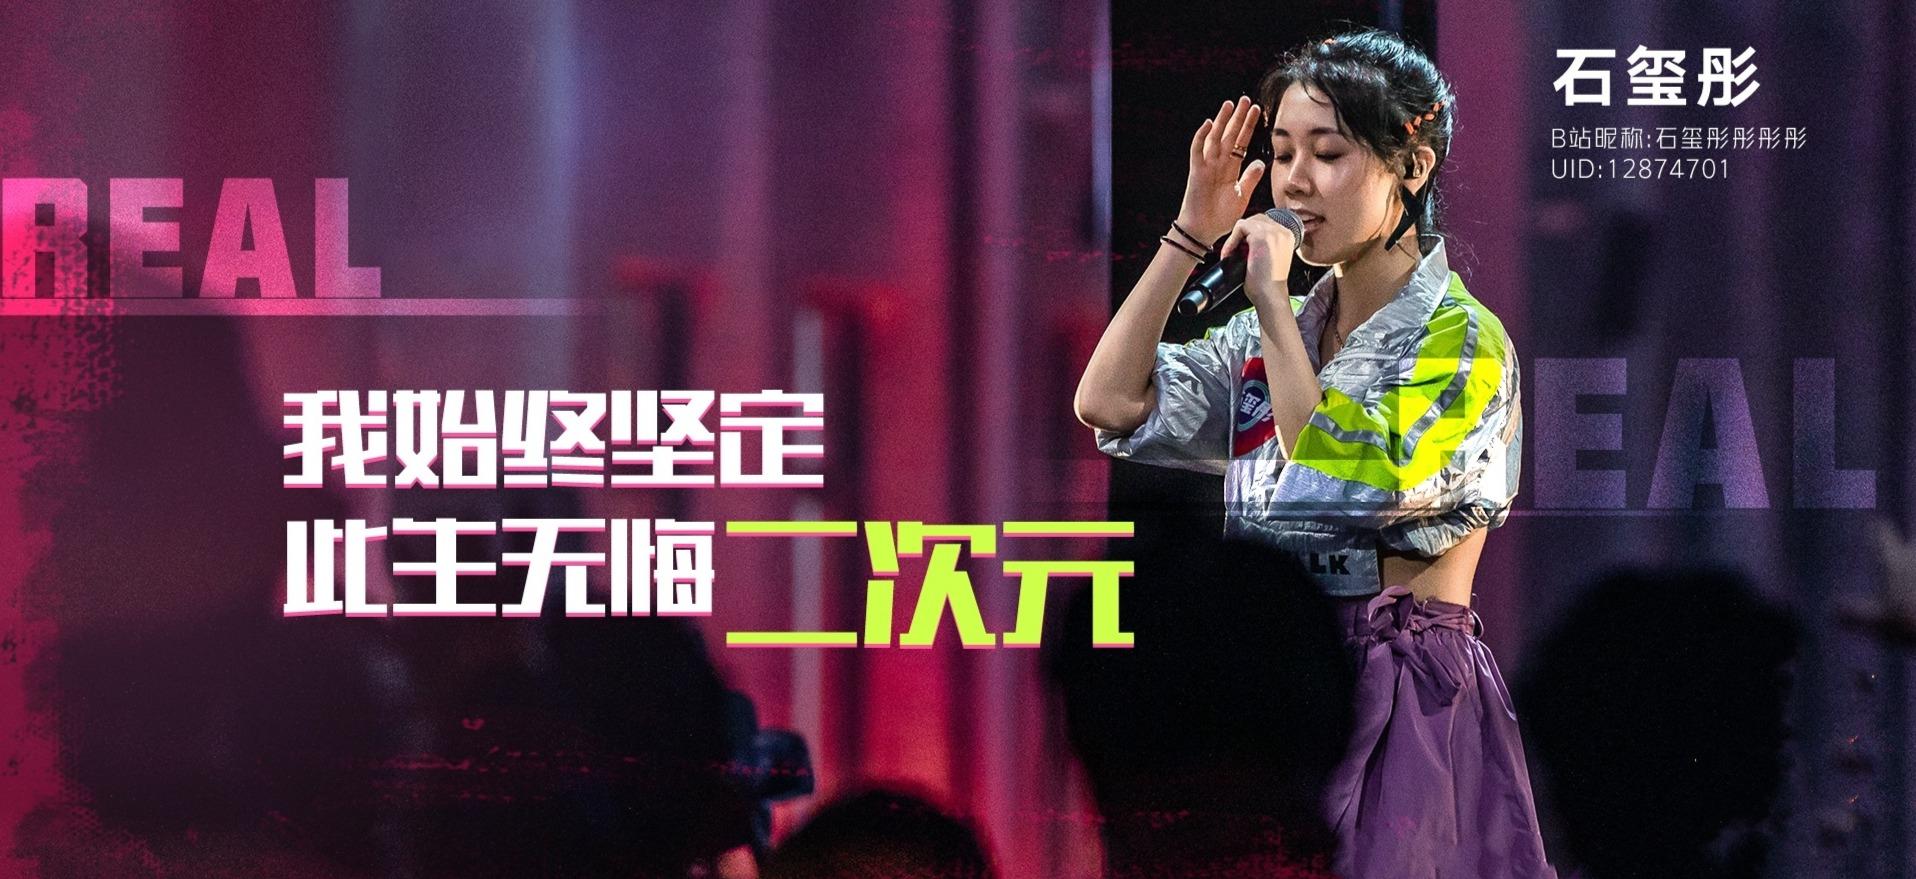 石玺彤《说唱新世代》初舞台 独特欧美嗓获赞声音会跳舞